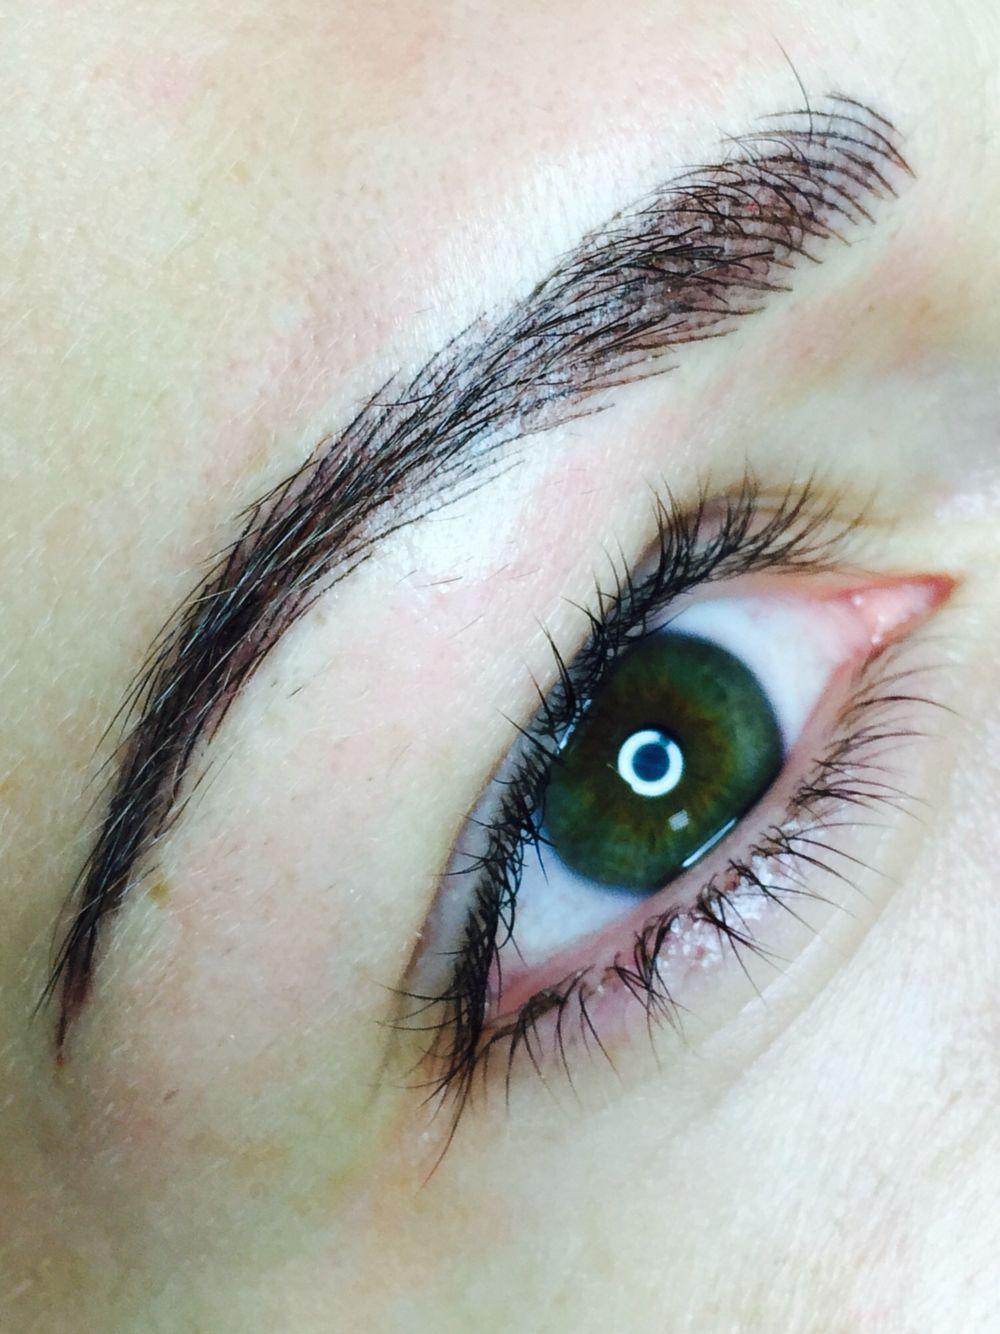 брови татуаж волосковый метод Eyebrows Permanent Make Up макияж